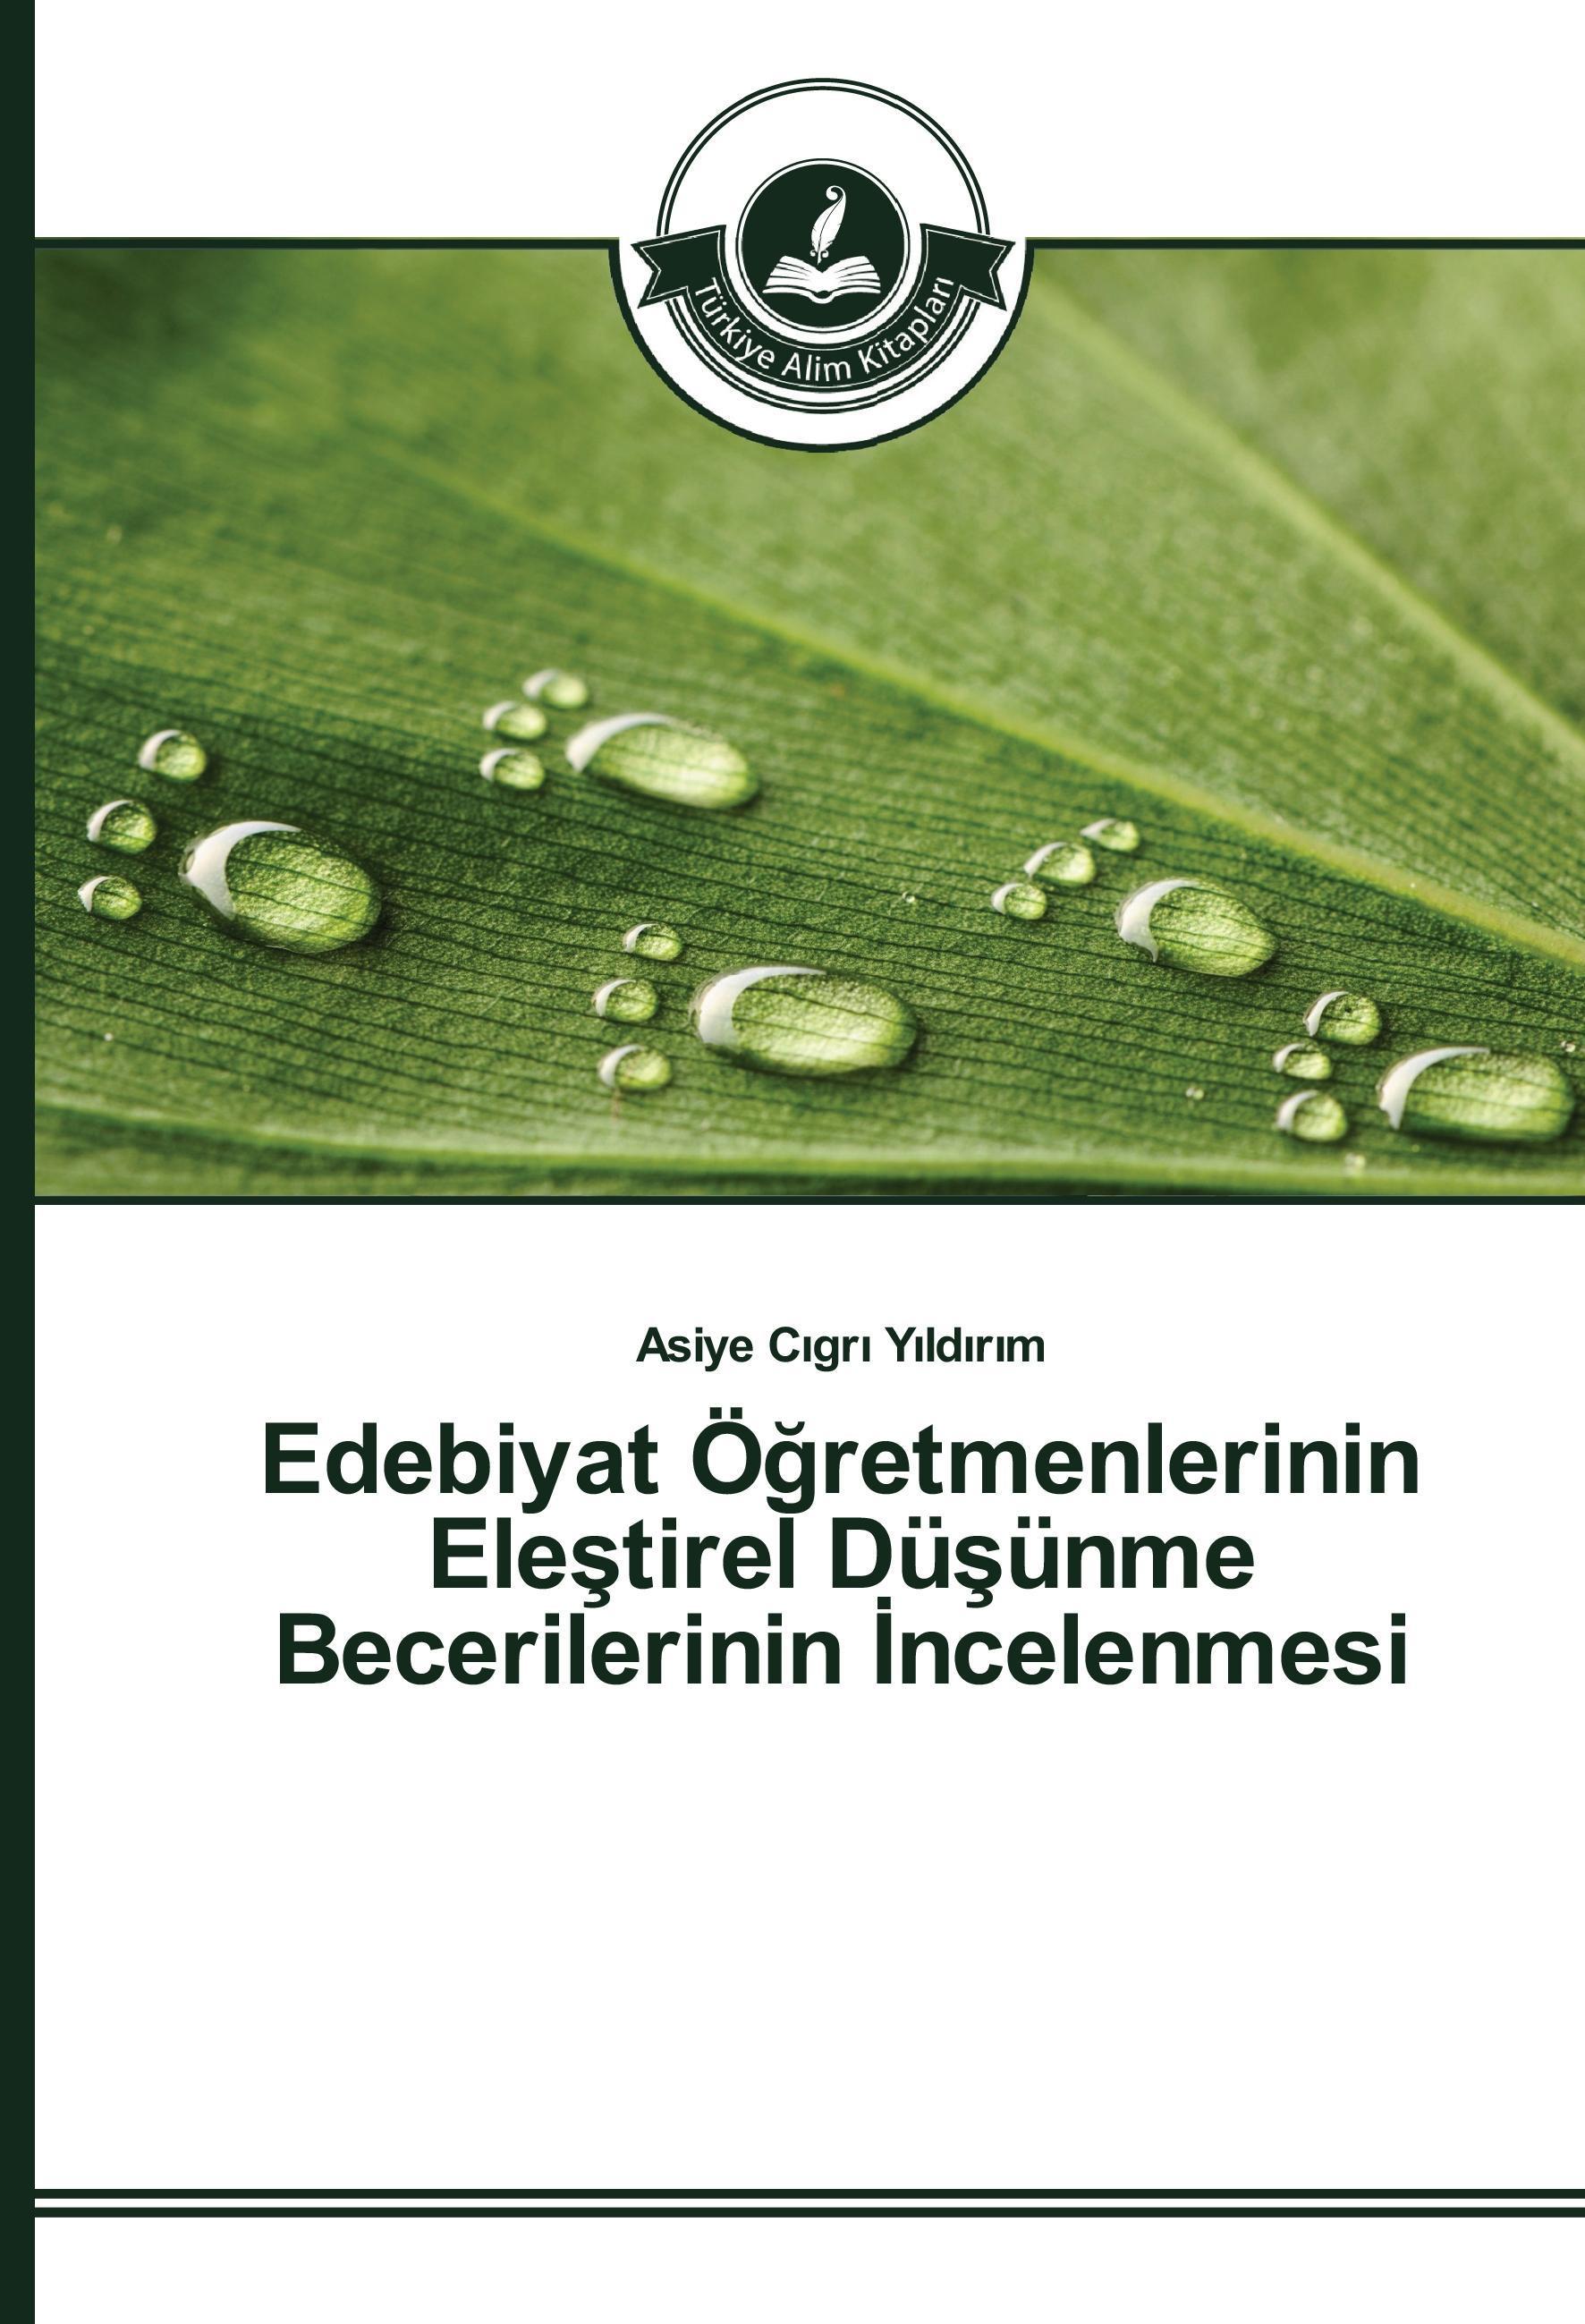 Asiye Cigri Yildirim / Edebiyat Ögretmenlerinin Elestirel Düsü ... 9783639671612